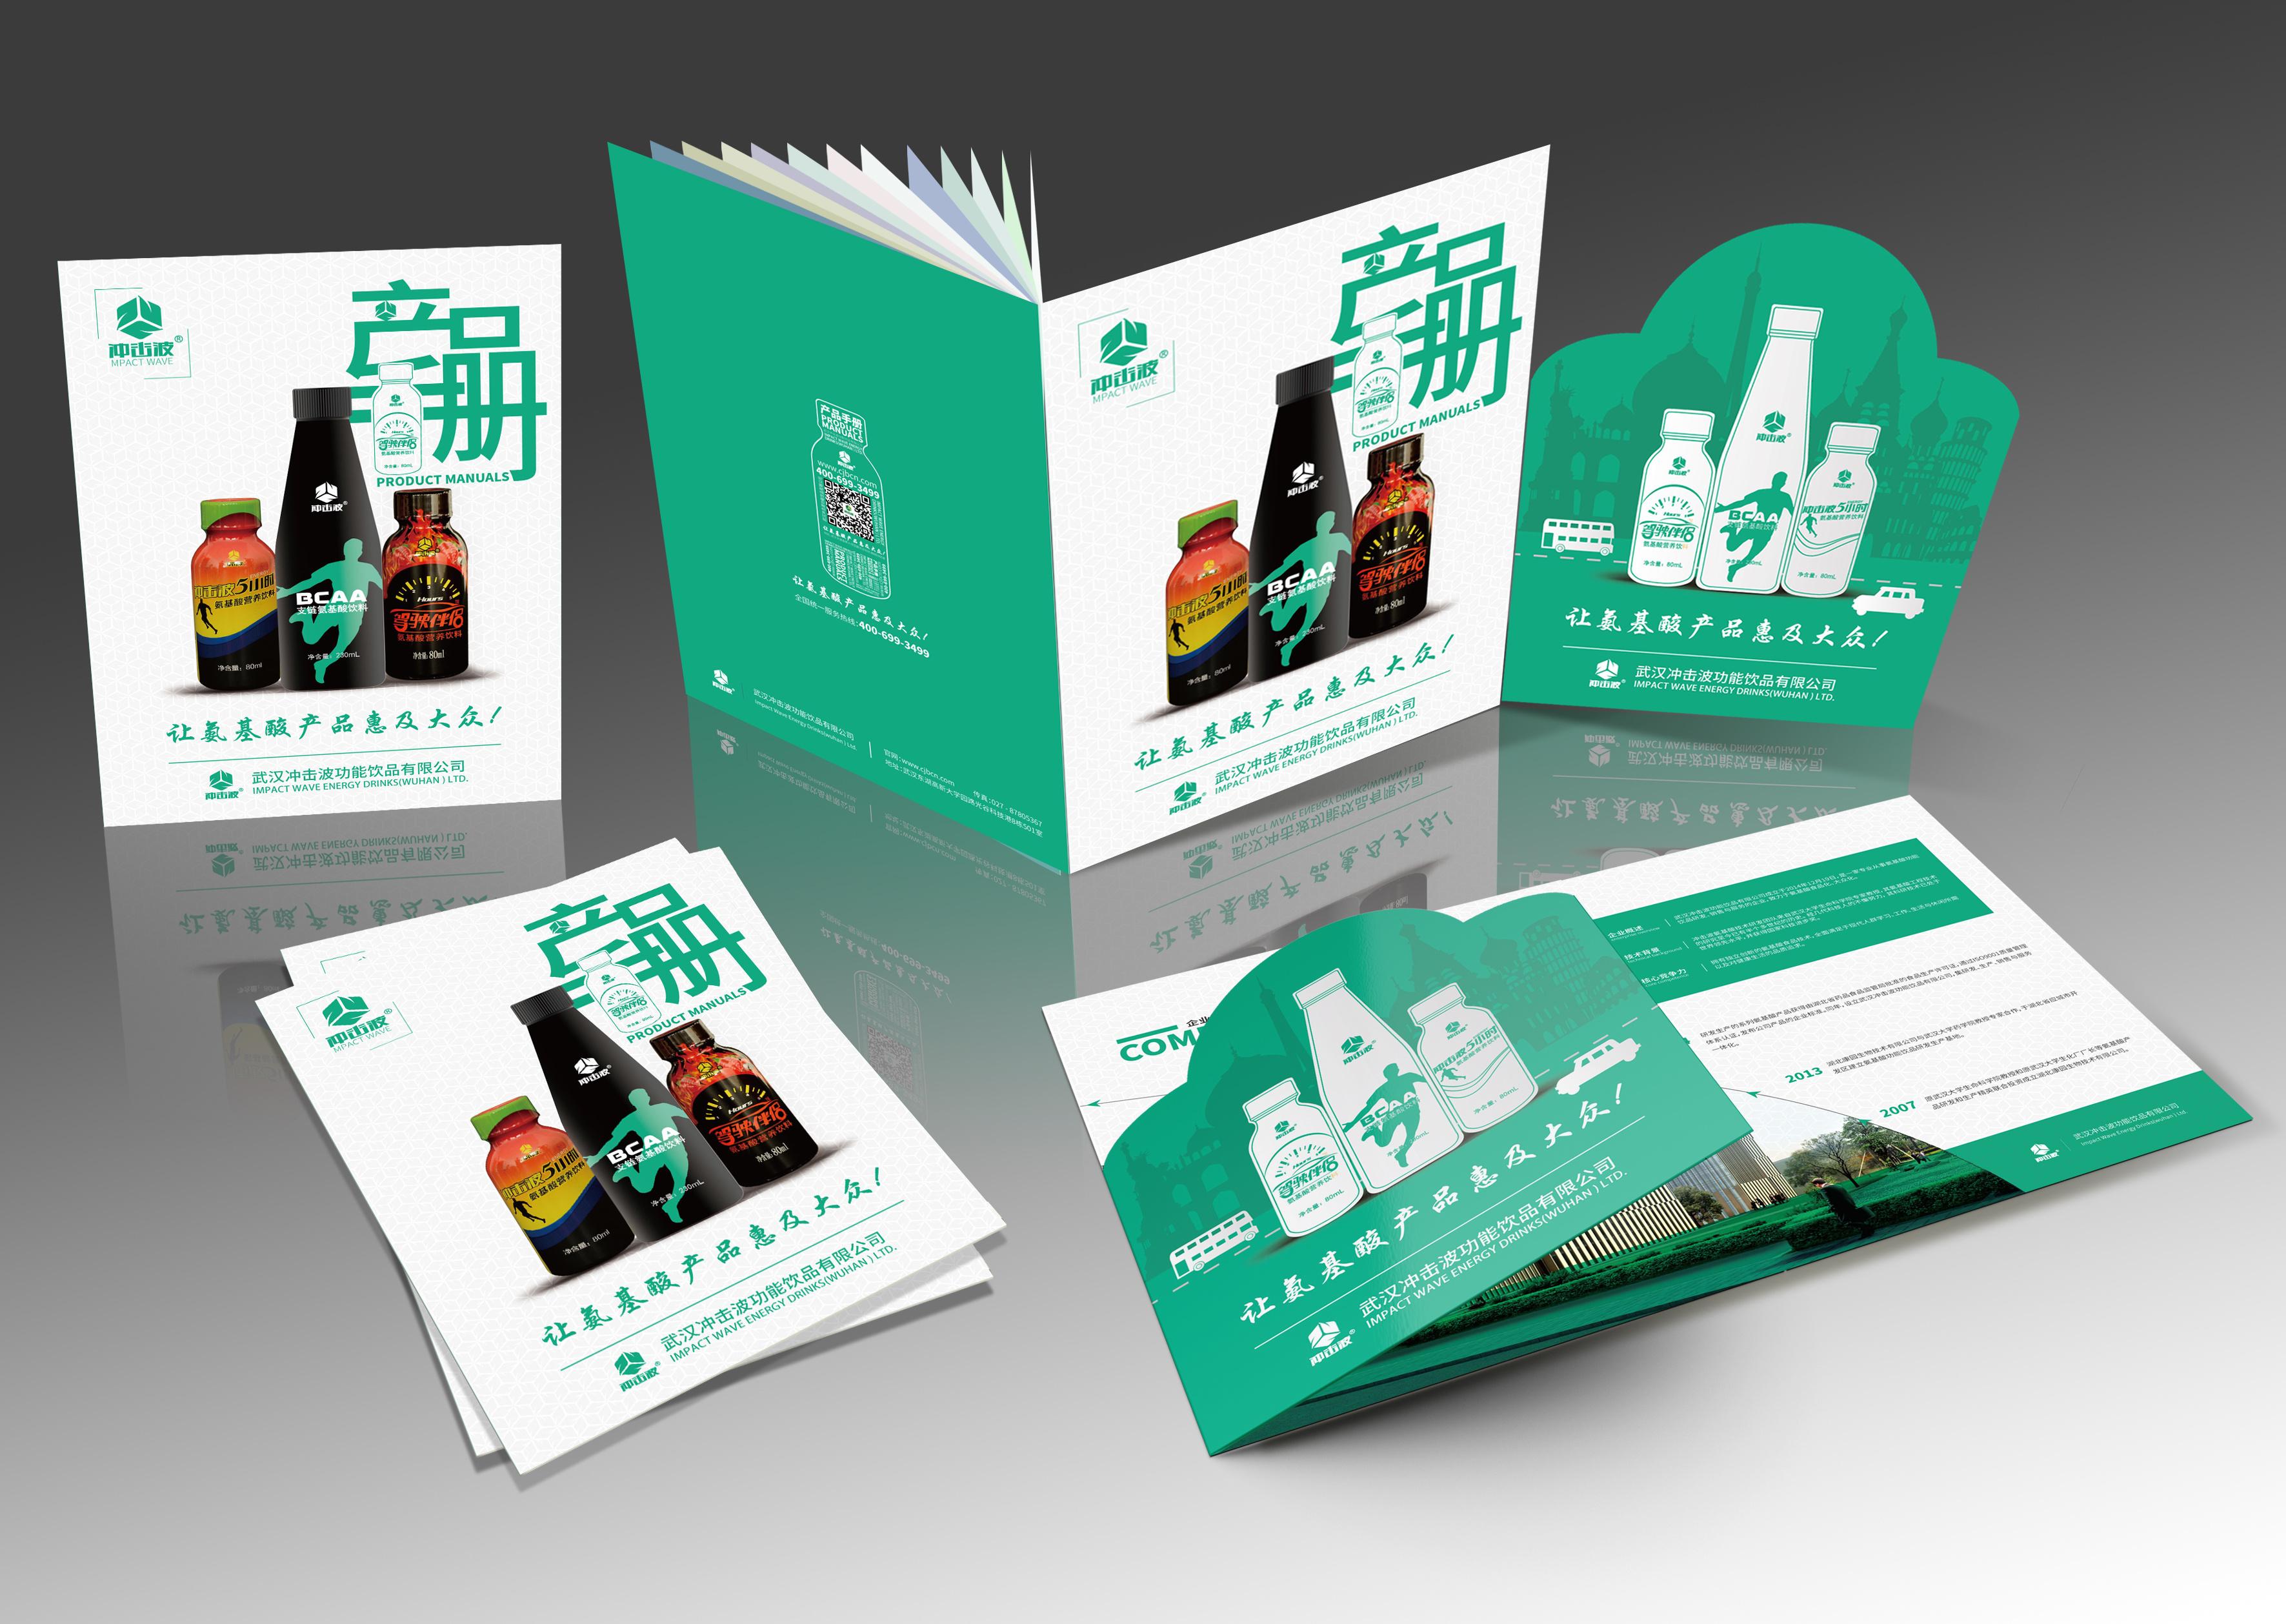 包装 包装设计 设计 3543_2517图片